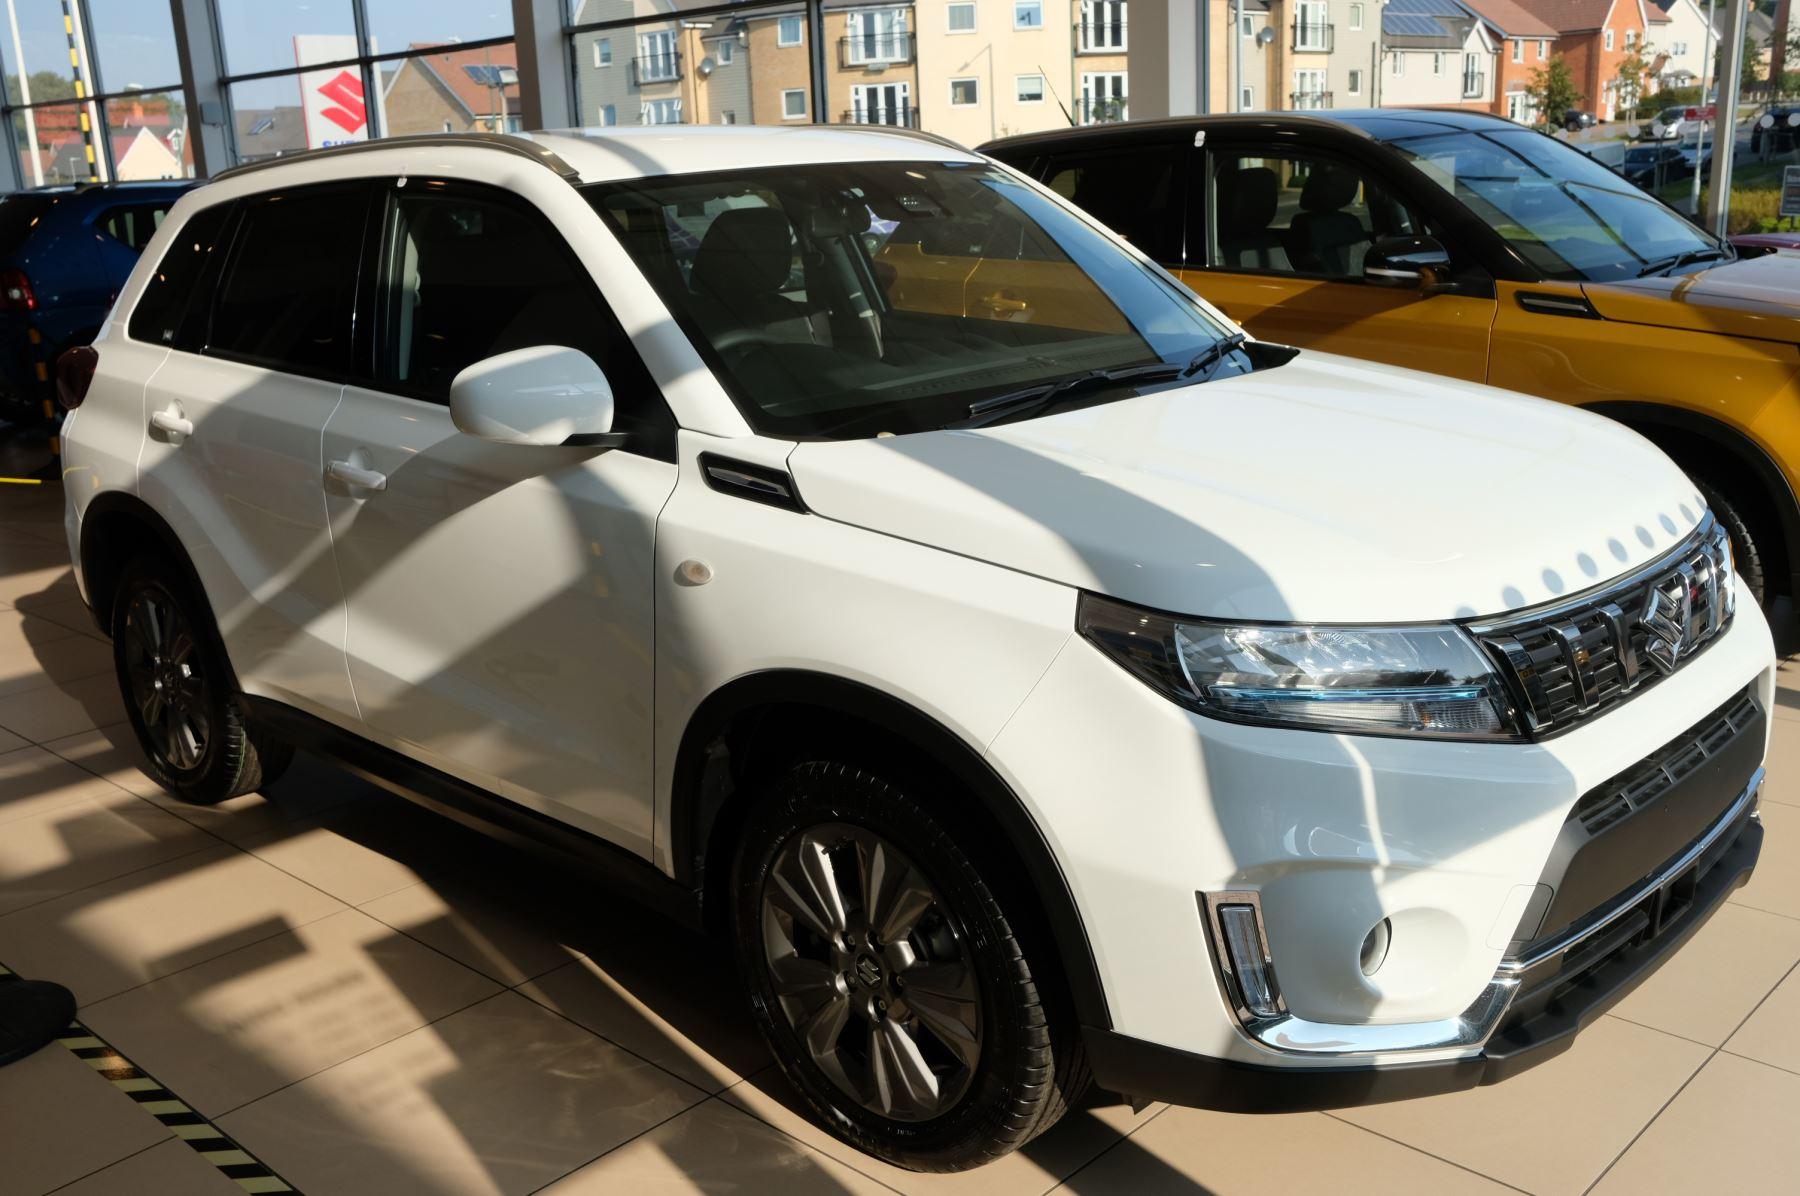 Suzuki Vitara 1.4 Boosterjet SZ-T Hybrid  5 door Hatchback